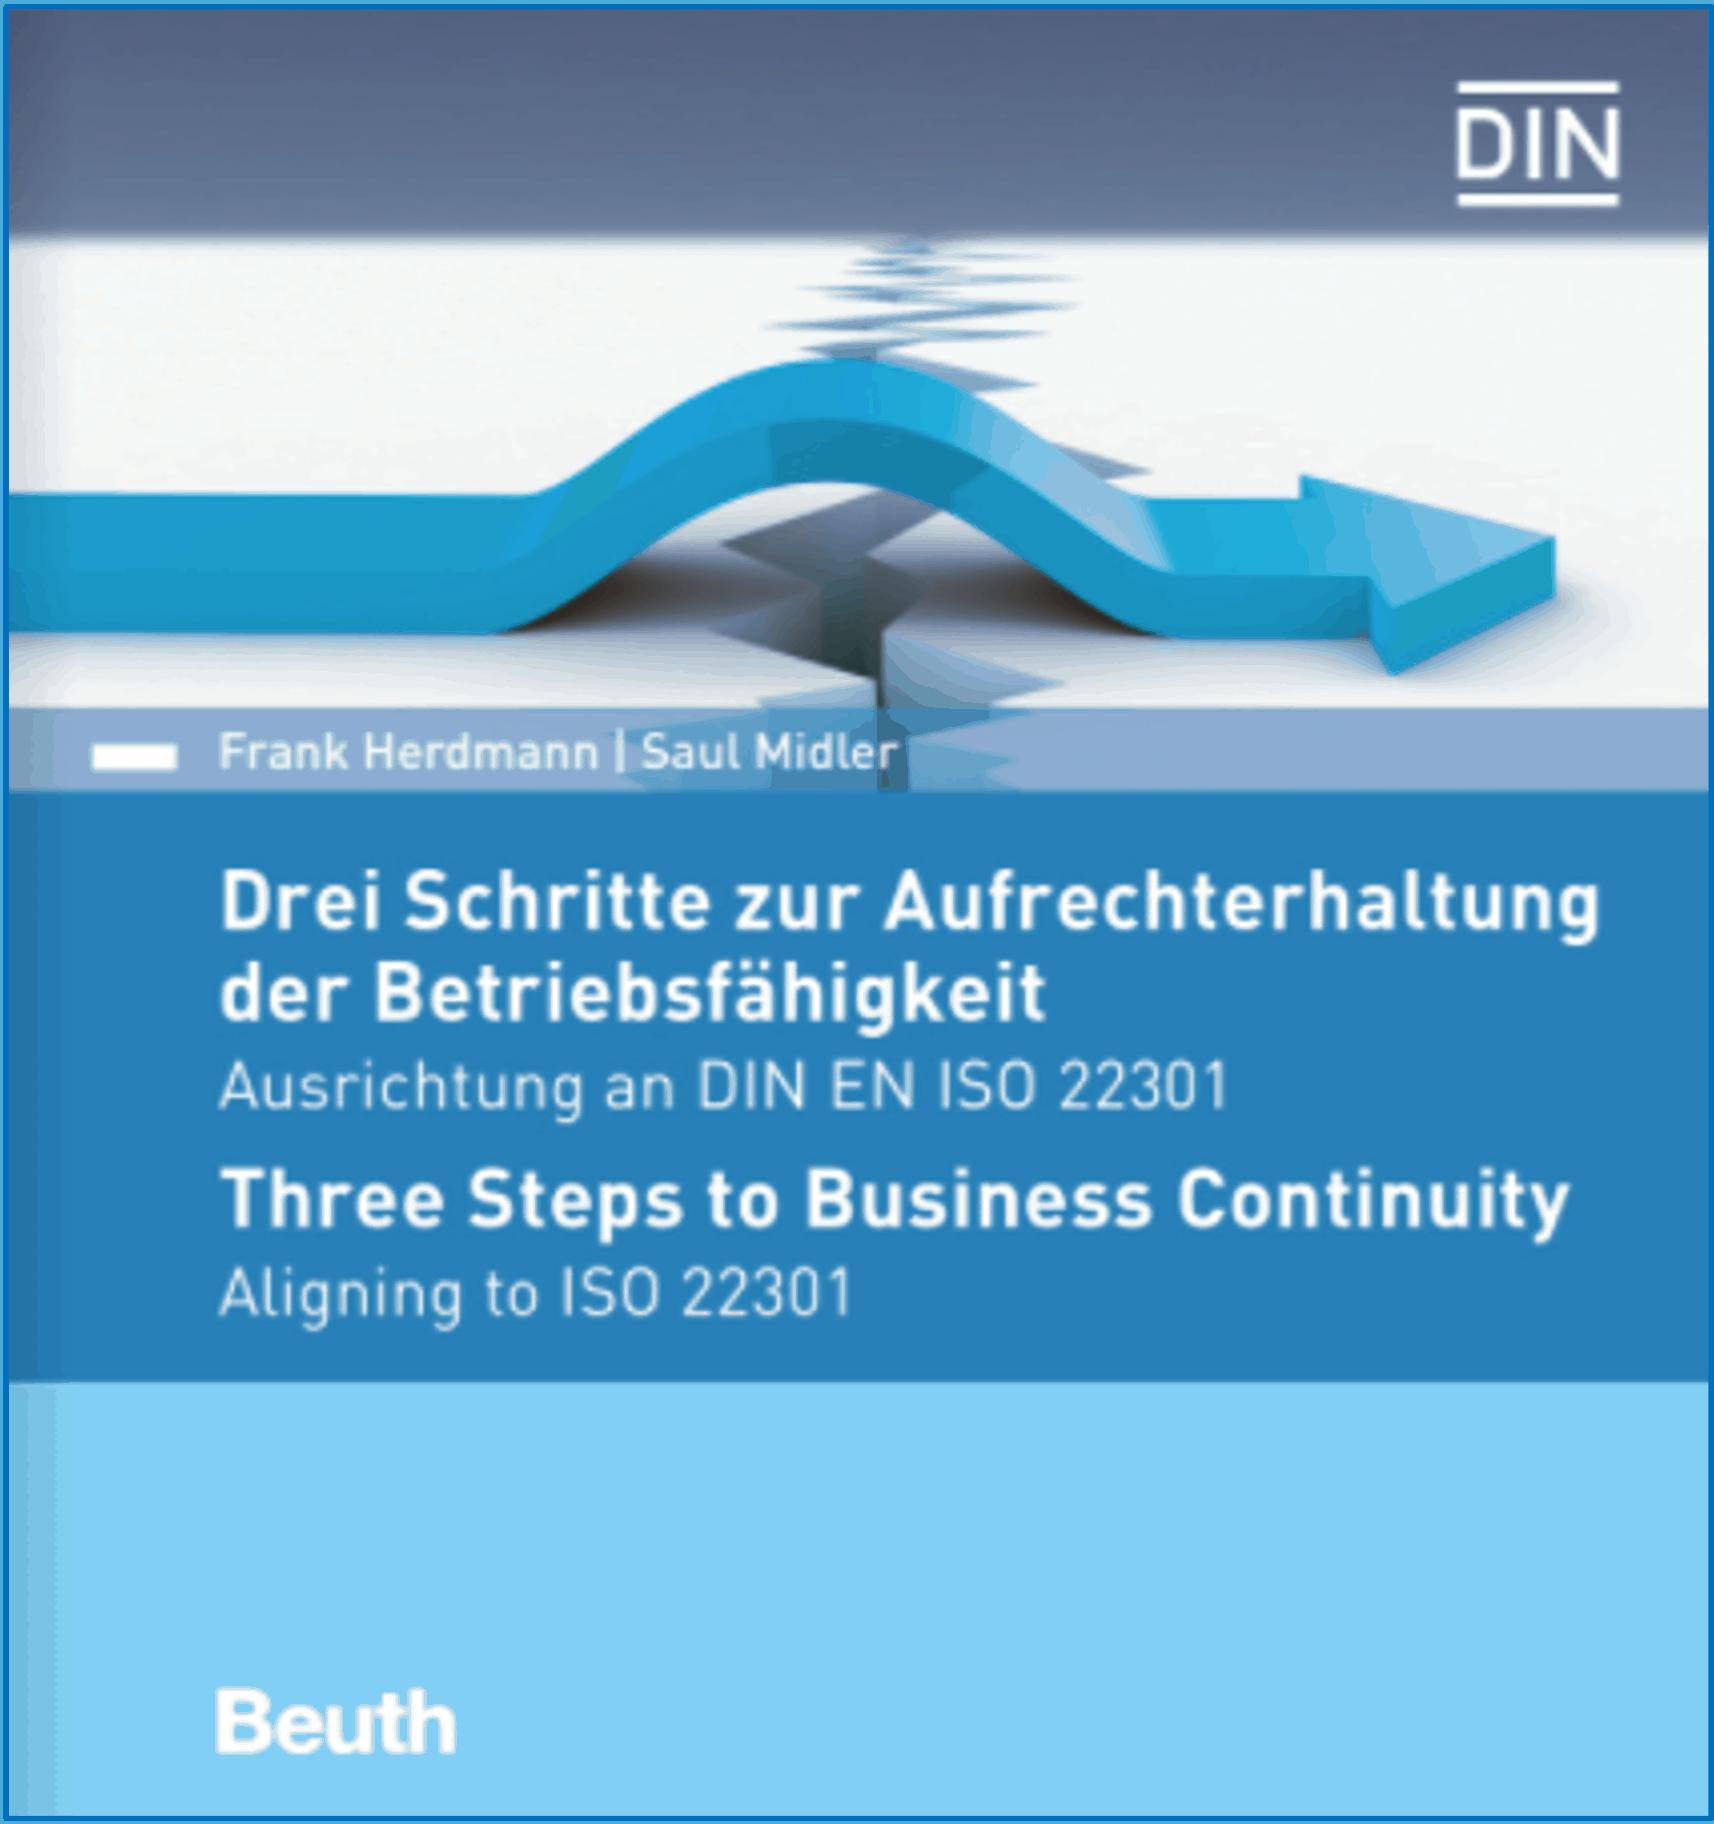 Three steps to Busines Continuity. Continuidade do Negócio